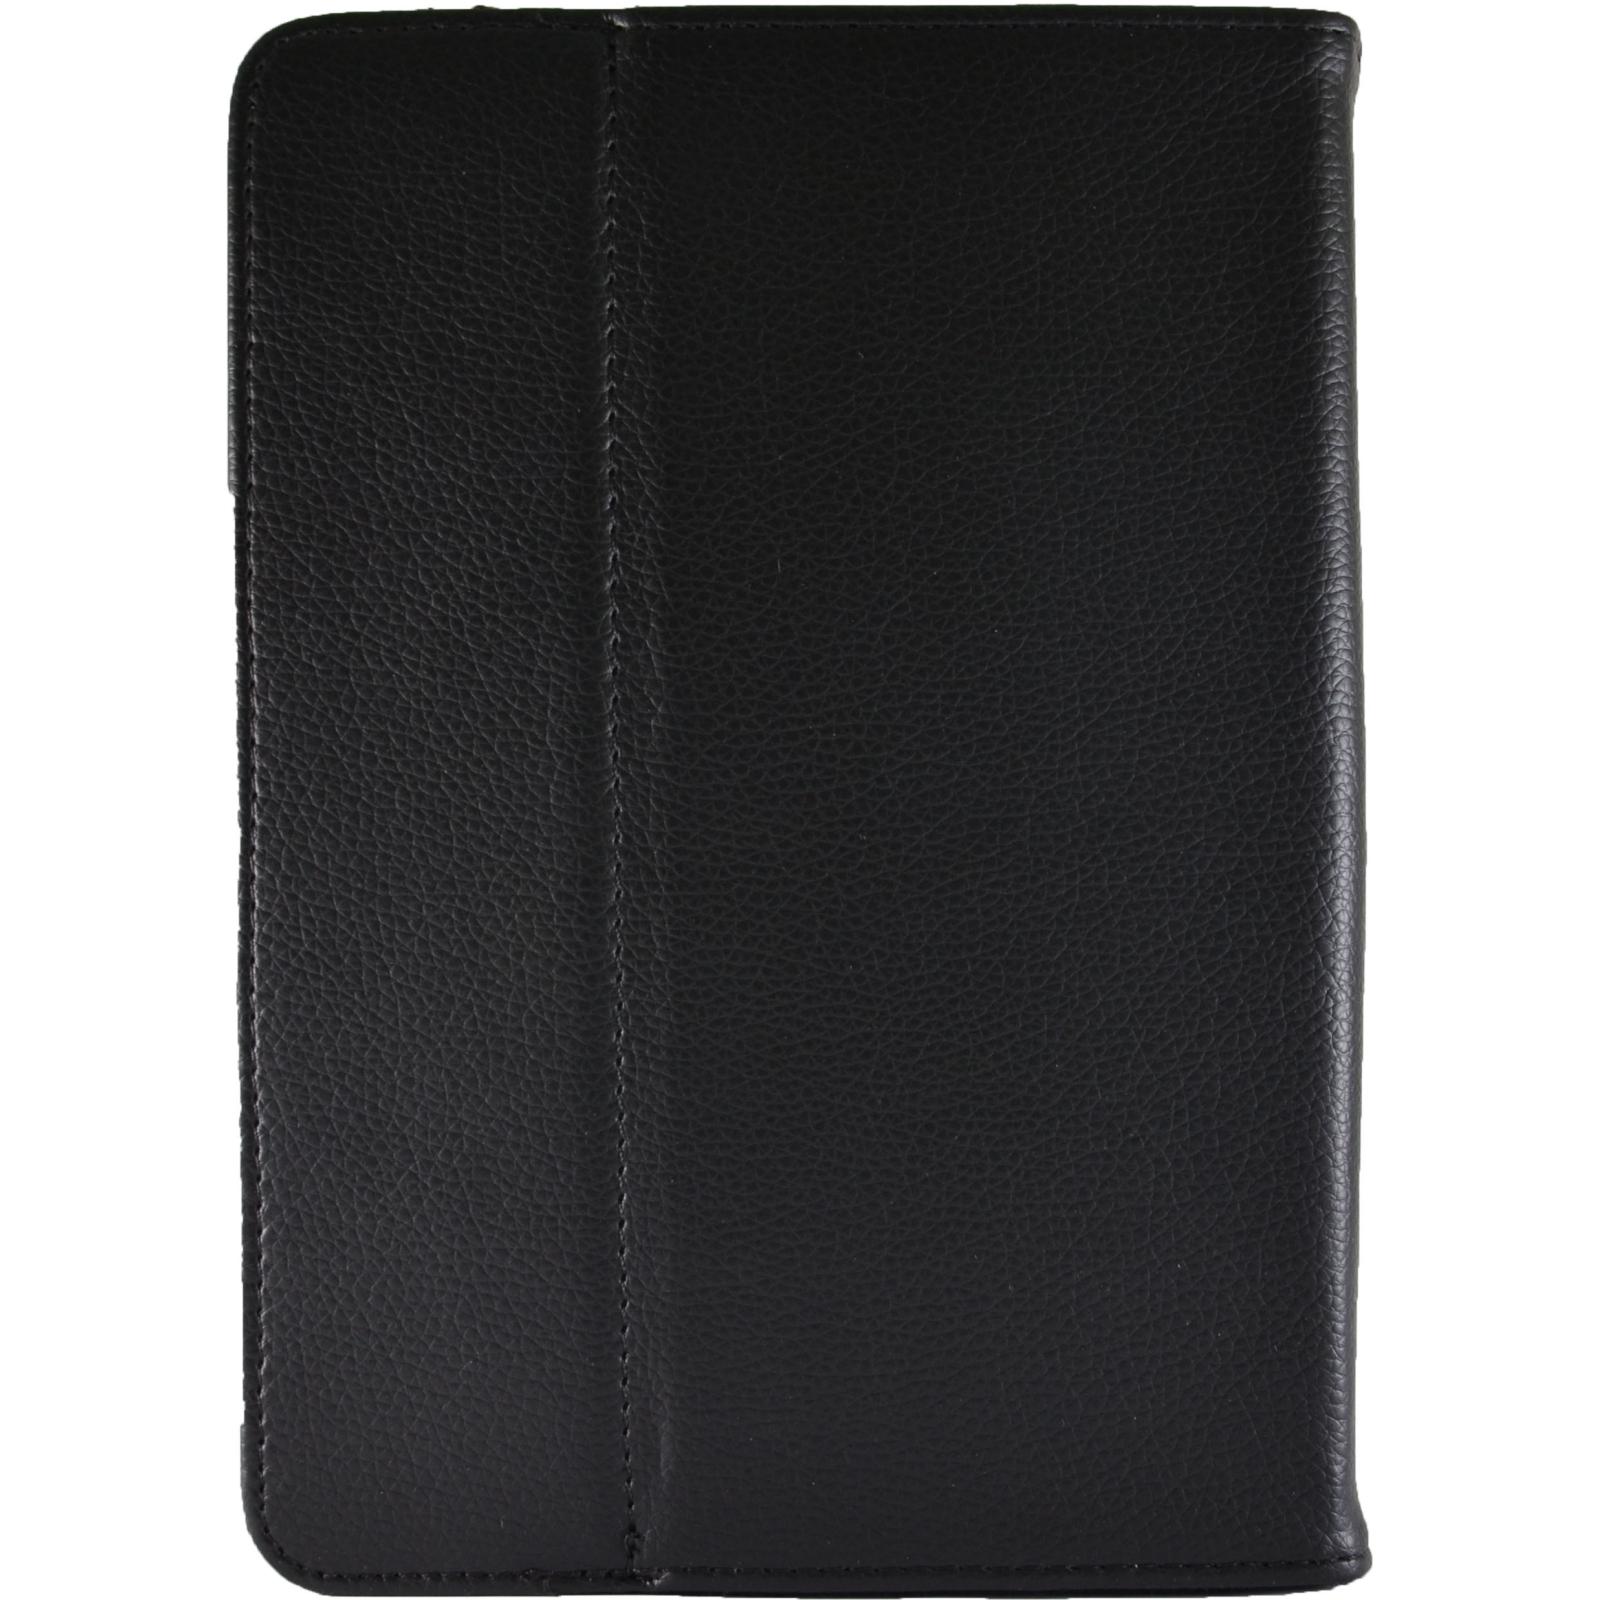 """Чехол для планшета Pro-case Чохол планшету універсальний Pro-case case fits up 10"""" black (UNS-022) изображение 2"""